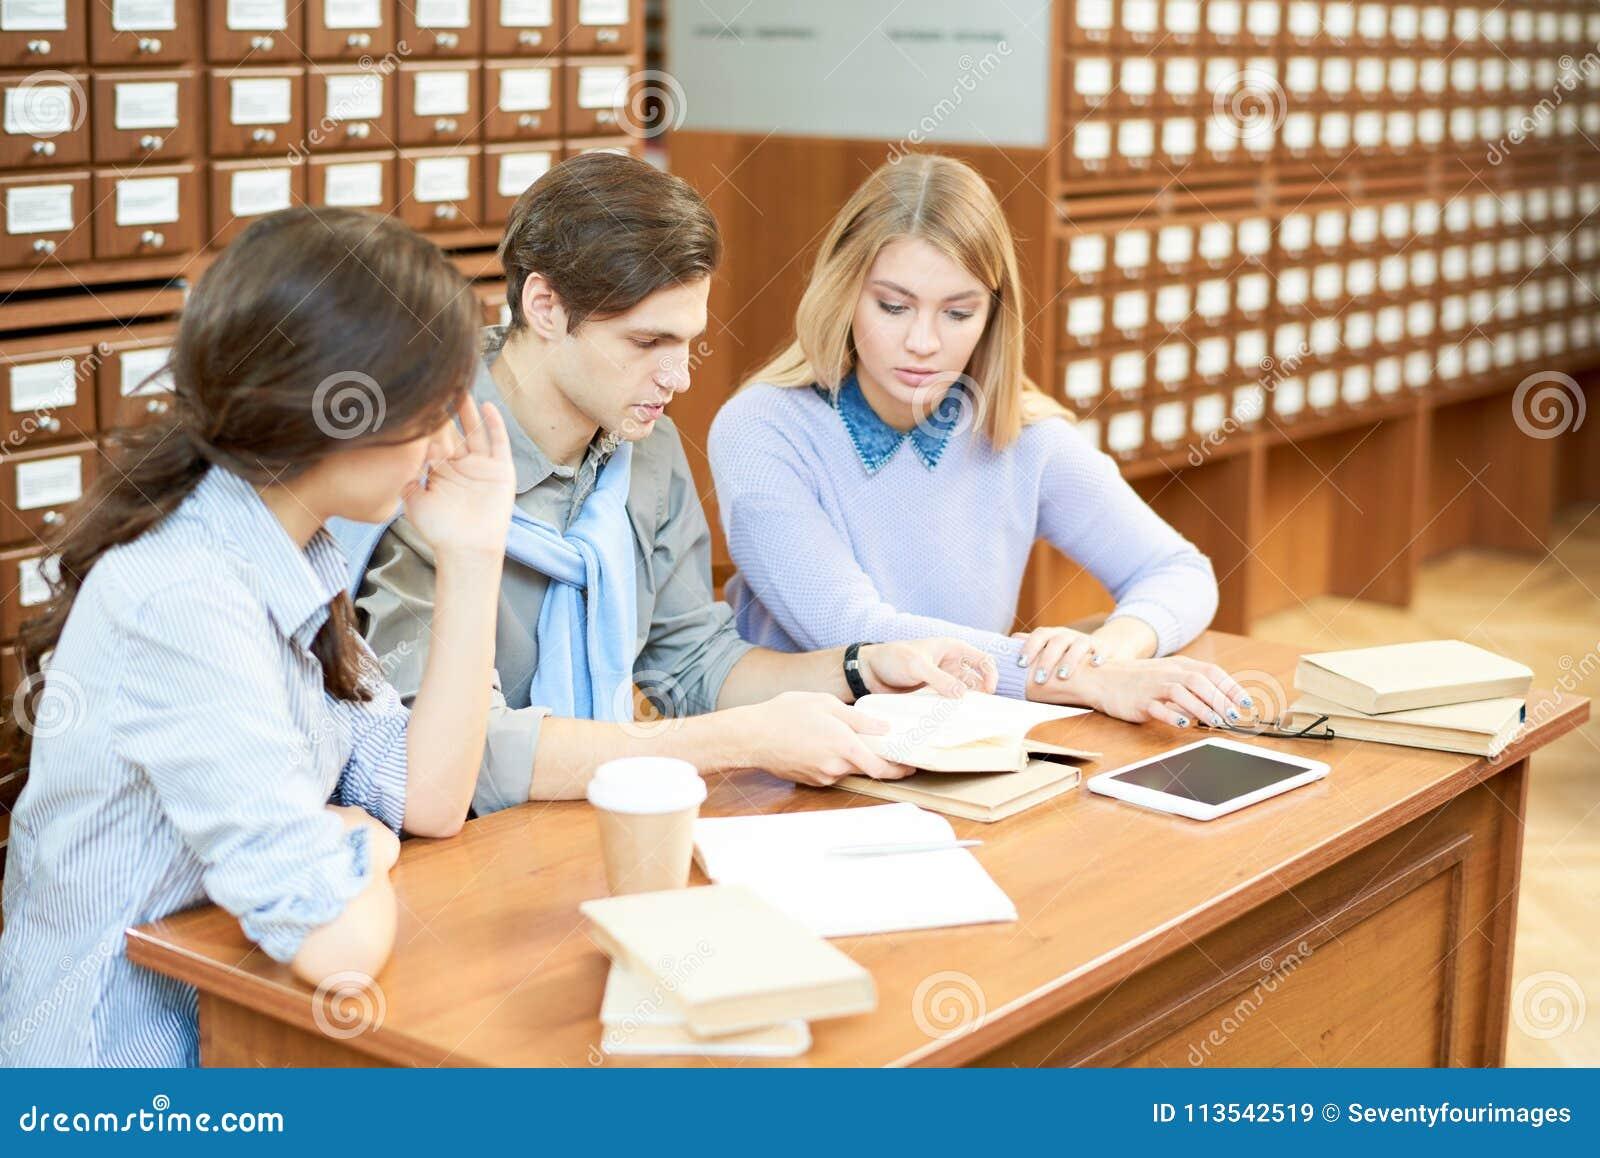 Estudiantes ocupados que estudian en biblioteca